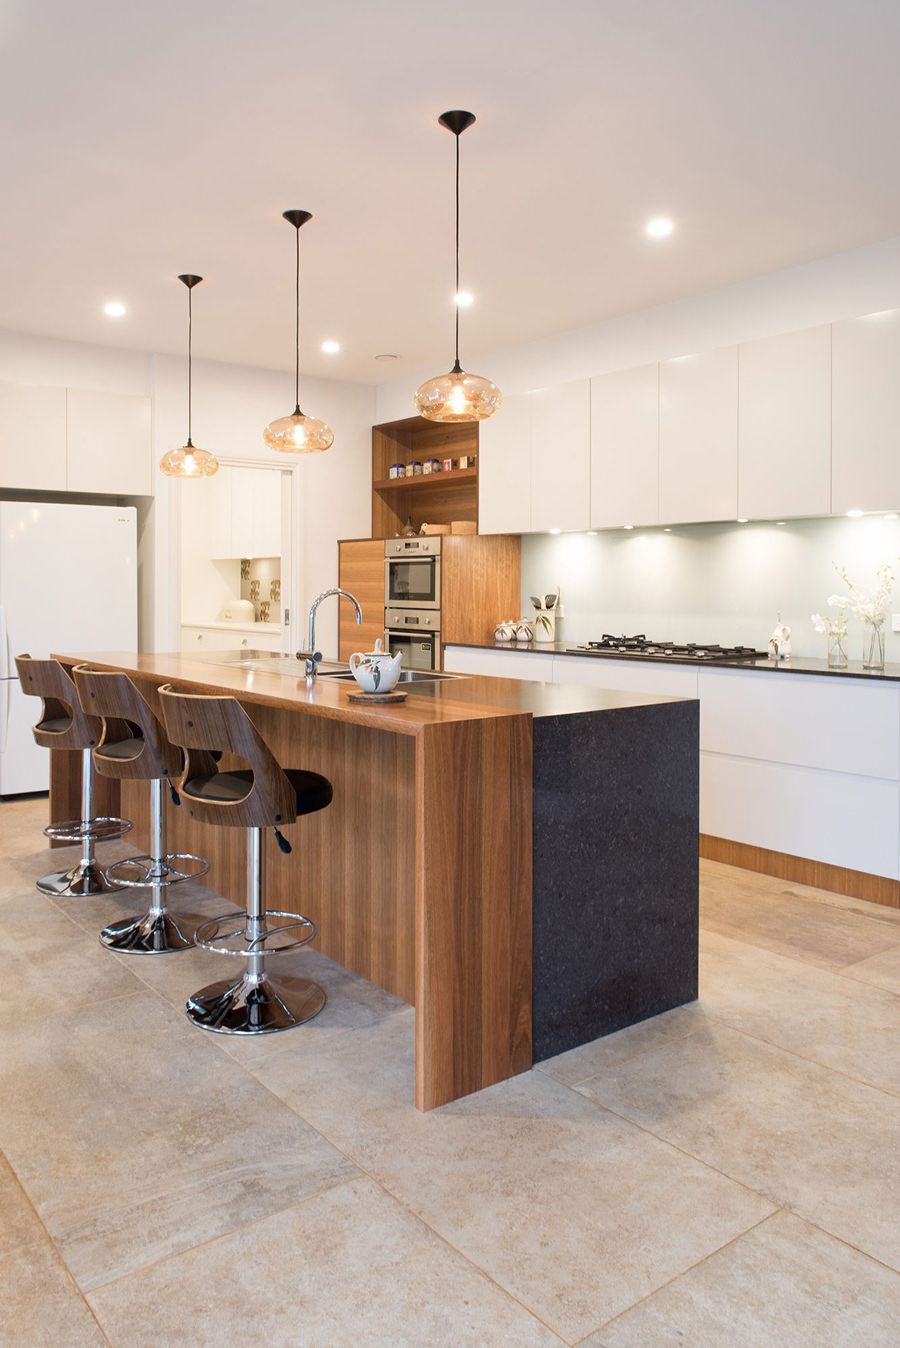 Cucina Con Isola E Piano Snack.100 Idee Cucine Con Isola Soluzioni Moderne E Funzionali